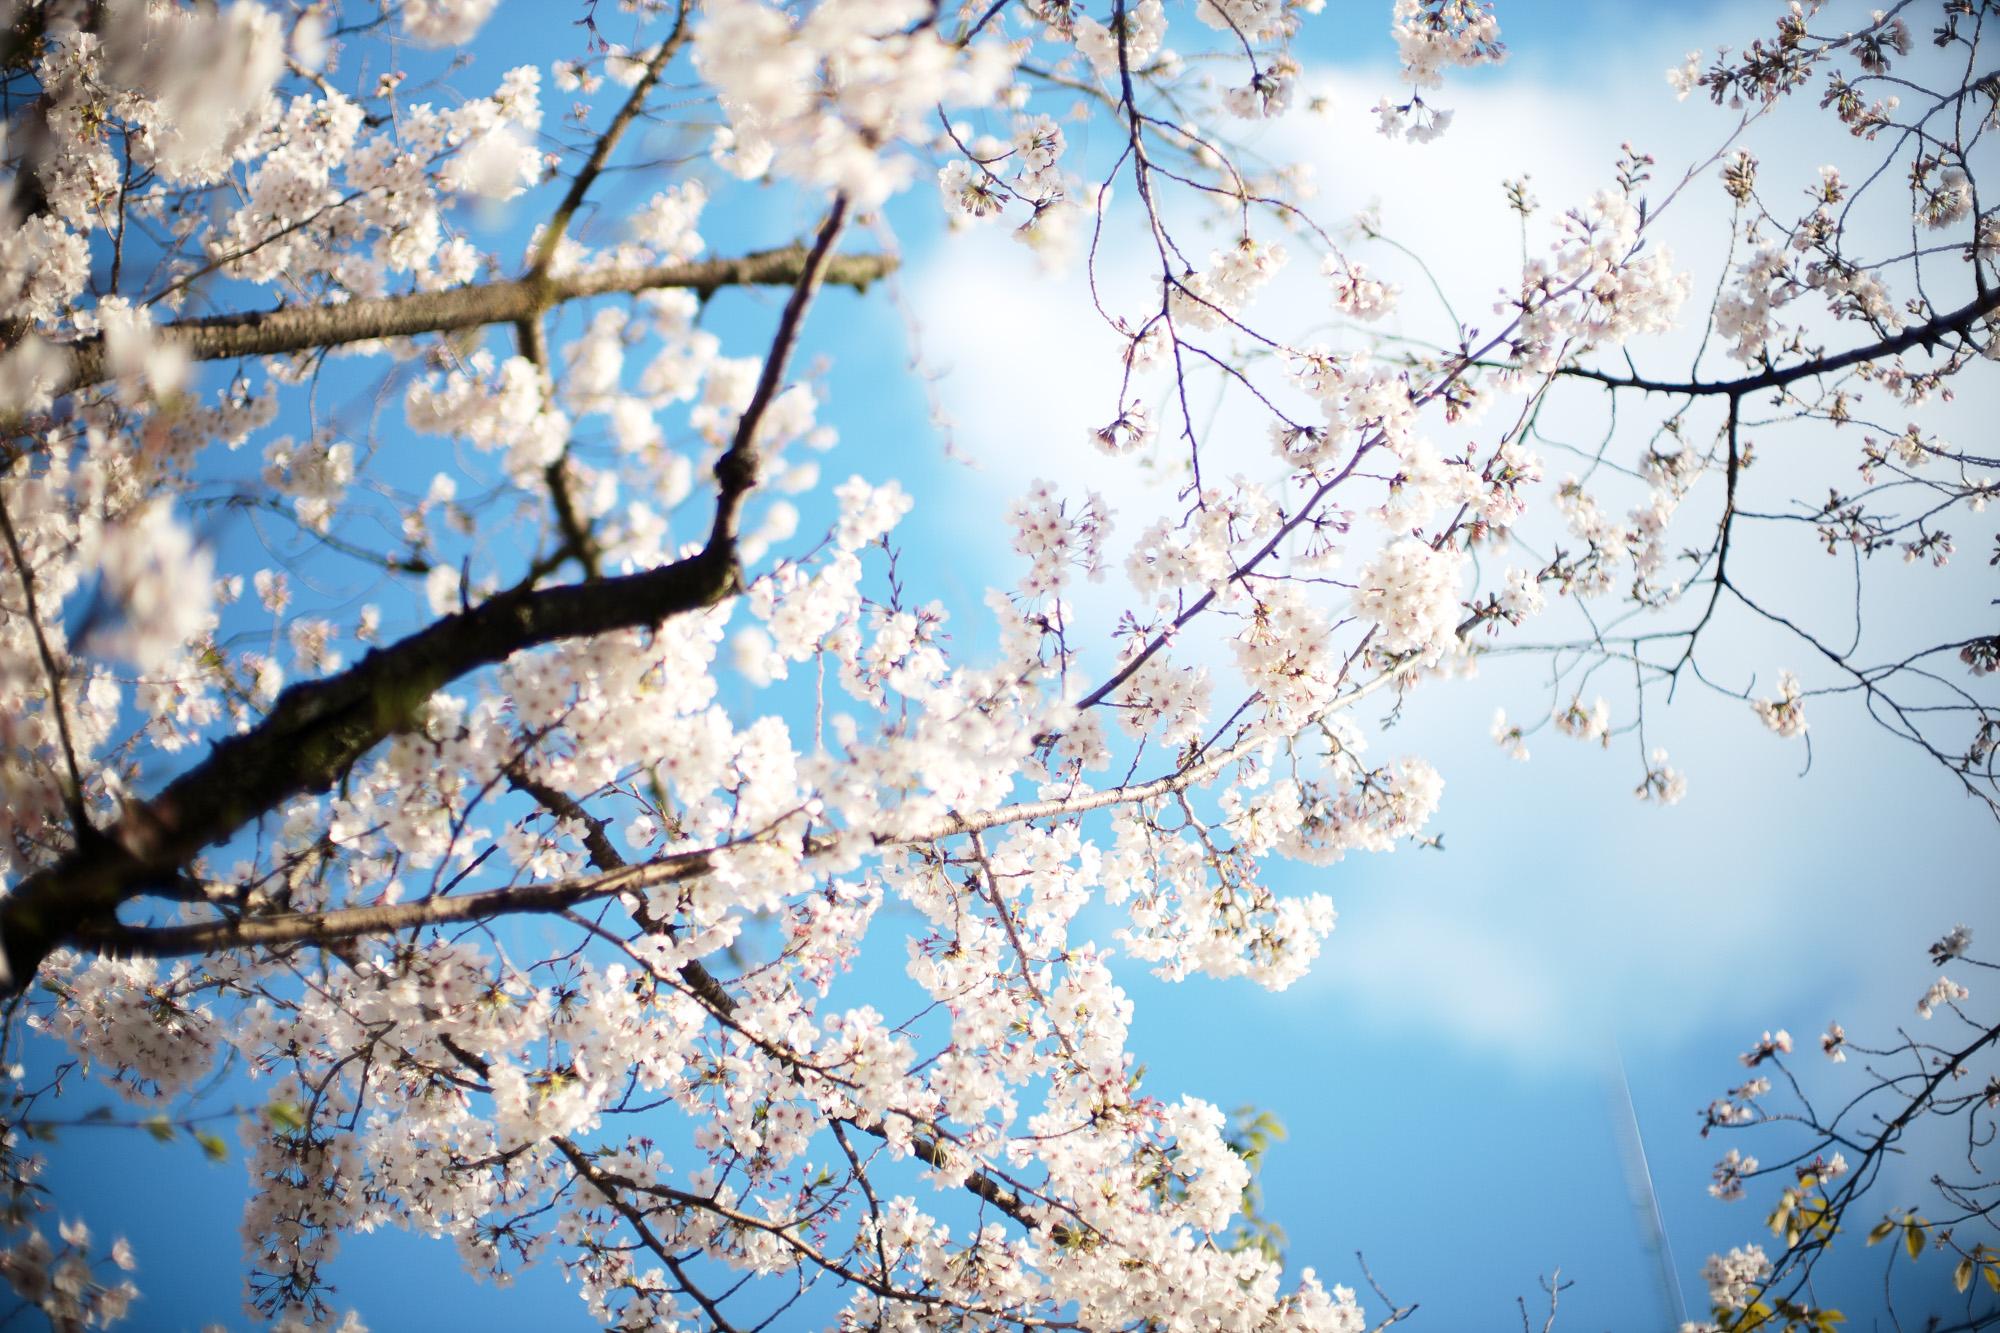 桜 Cherry Blossoms さくら サクラ alto e diritto アルトエデリット 愛知 名古屋 leica ライカ noctilux ノクチルックス ノクティルックス 50mm NOCTILUX-M f0.95/50mm ASPH. ノクチ